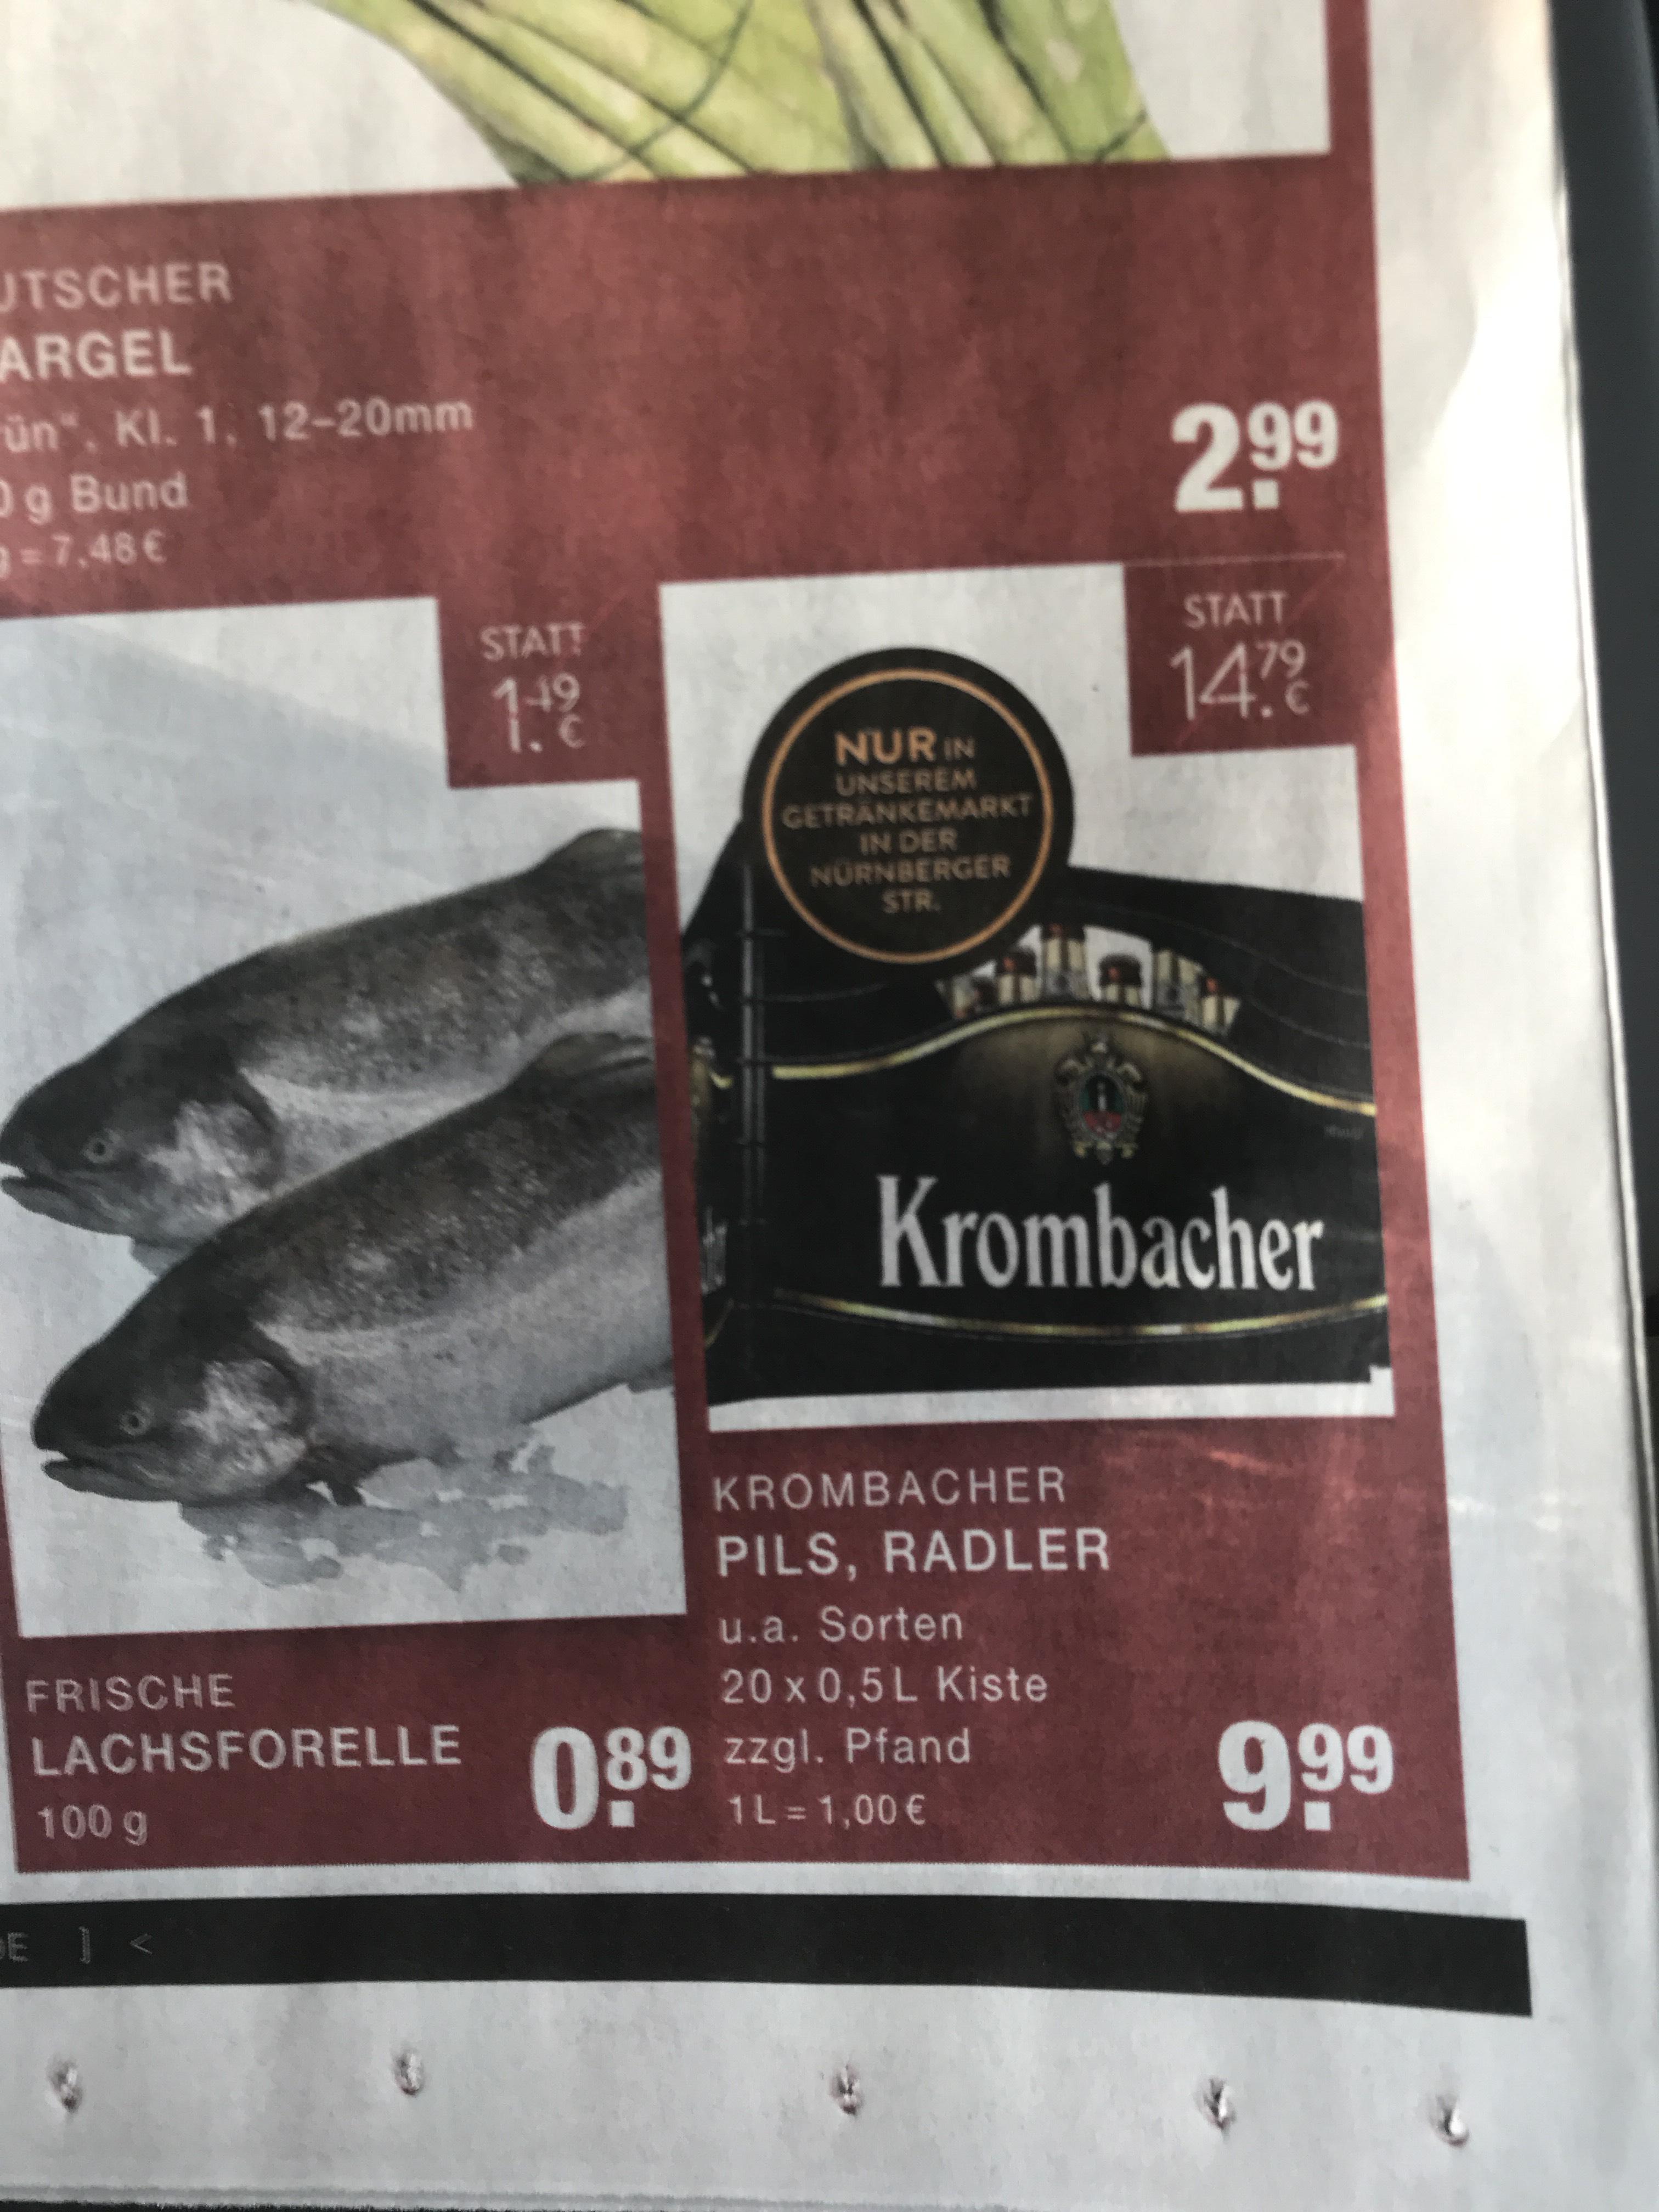 [Lokal Düsseldorf] Krombacher Pils / Radler